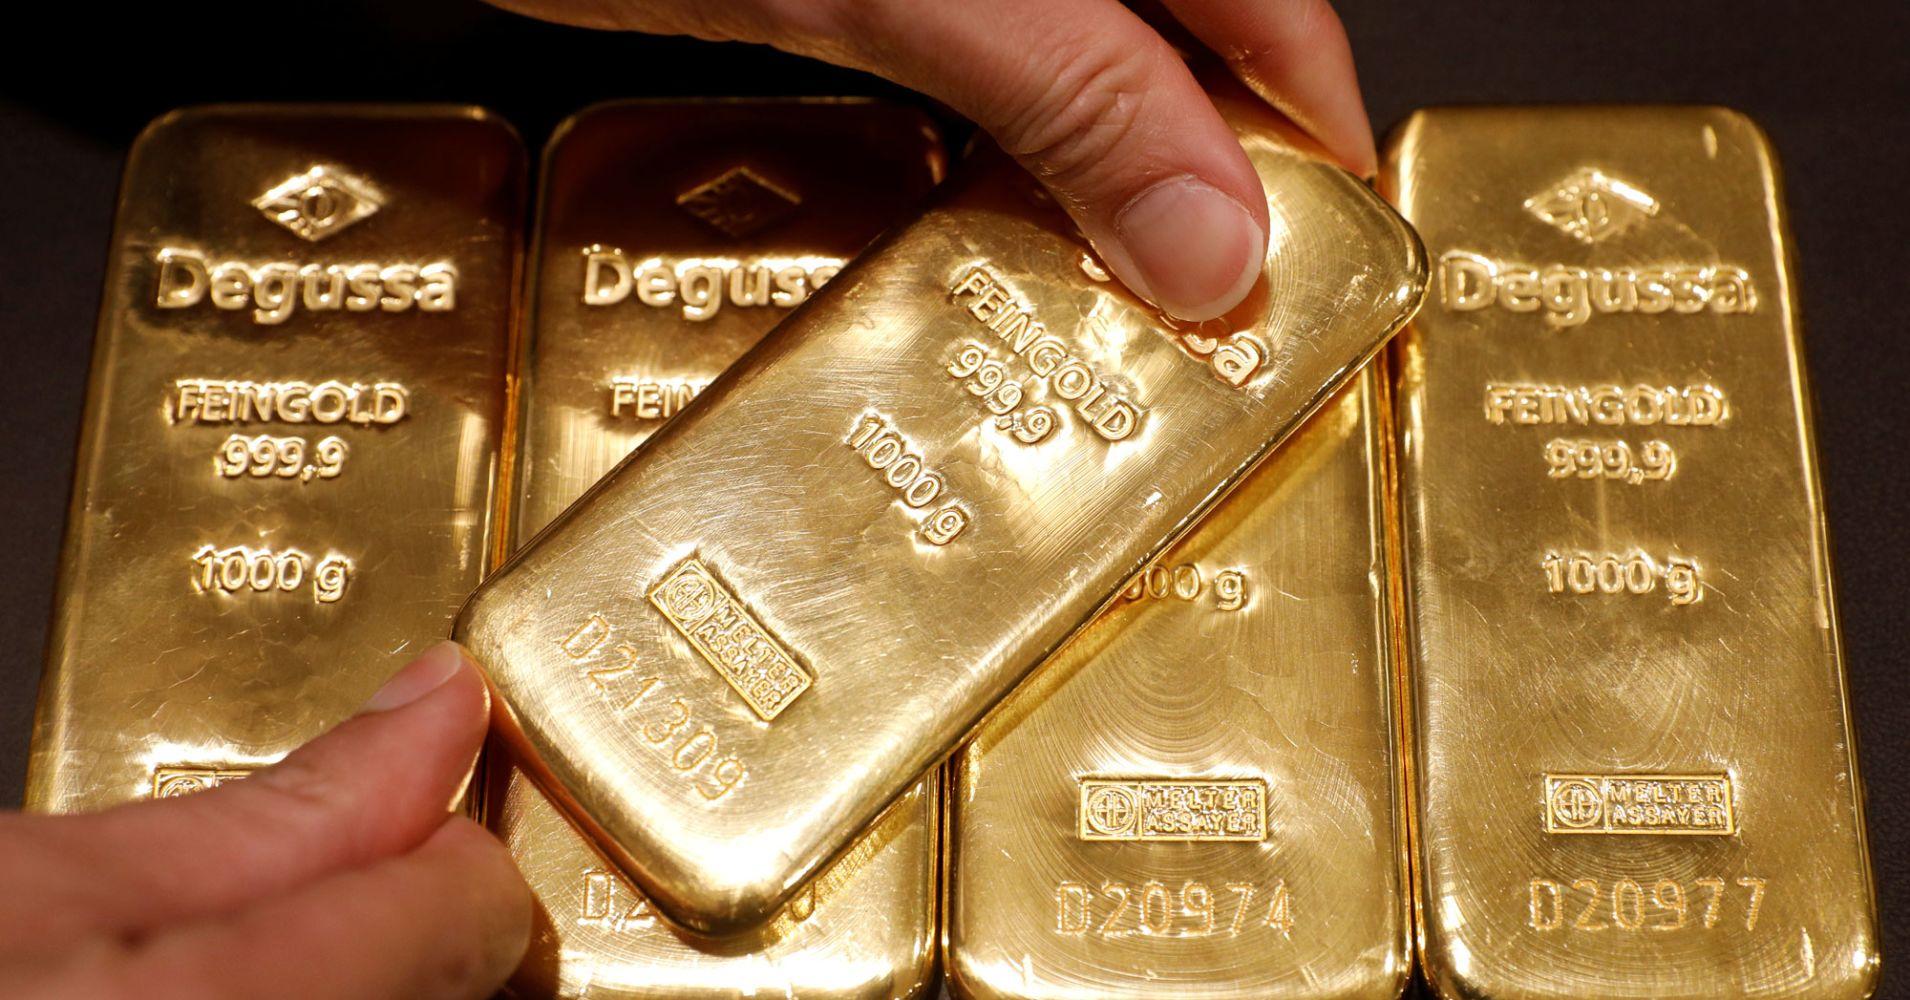 Giá vàng thế giới nhảy vọt lên 2.000 USD, giá bạc cũng tăng mạnh theo - Ảnh 1.